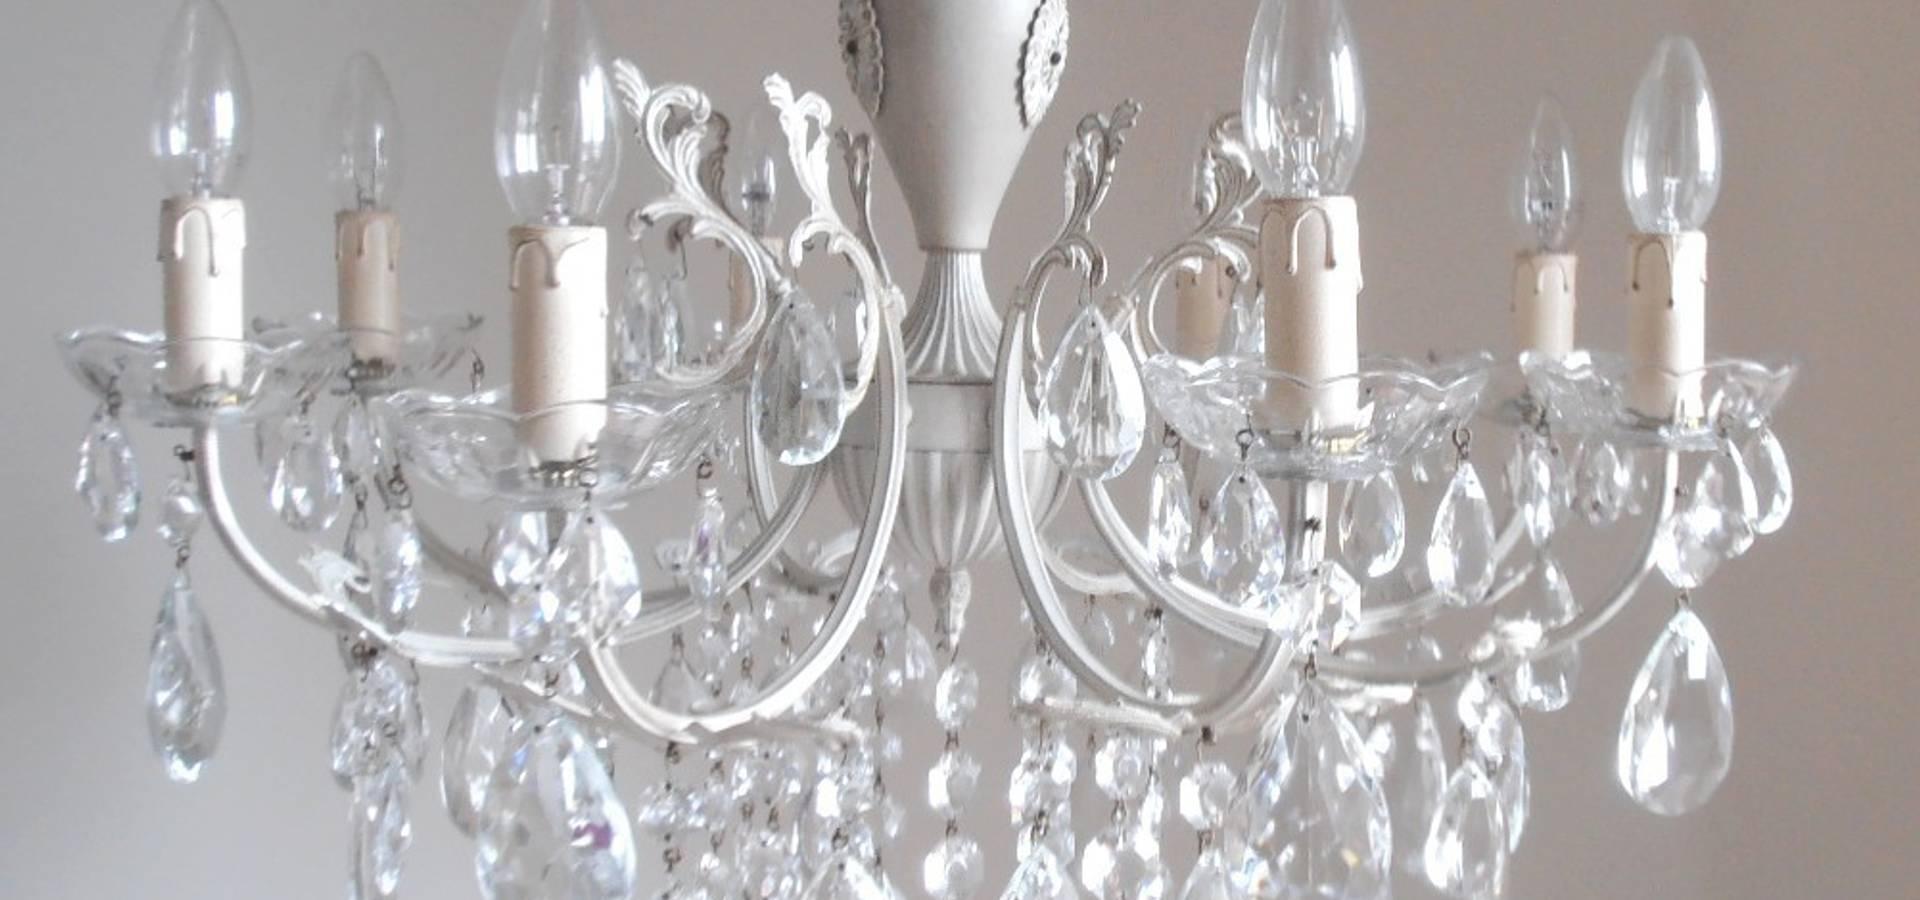 Esclusivo lampadario vintage 12 luci, nero e bronzo, cristalli gocce ...